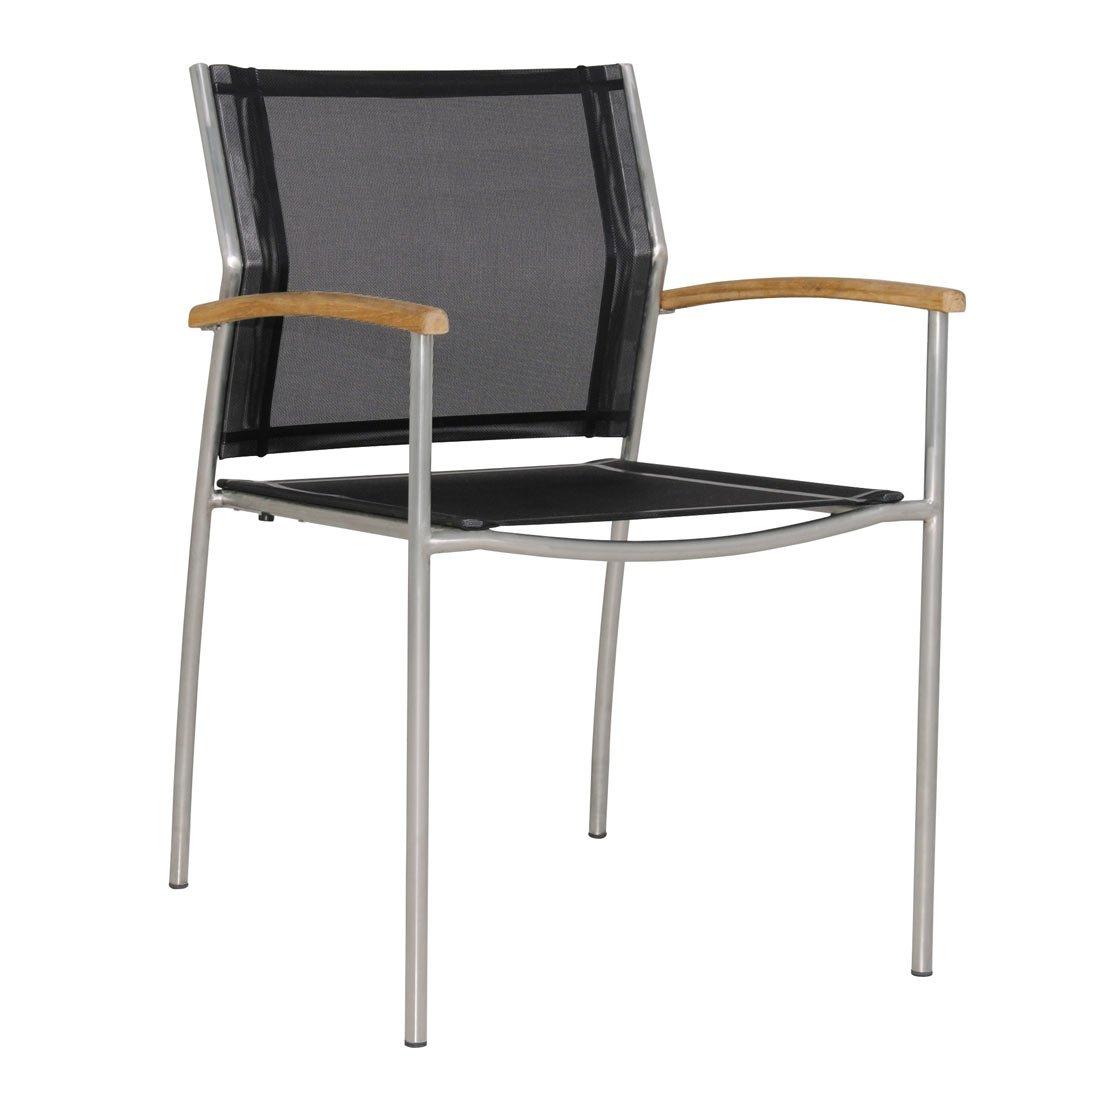 rovex sessel g nstig kaufen. Black Bedroom Furniture Sets. Home Design Ideas